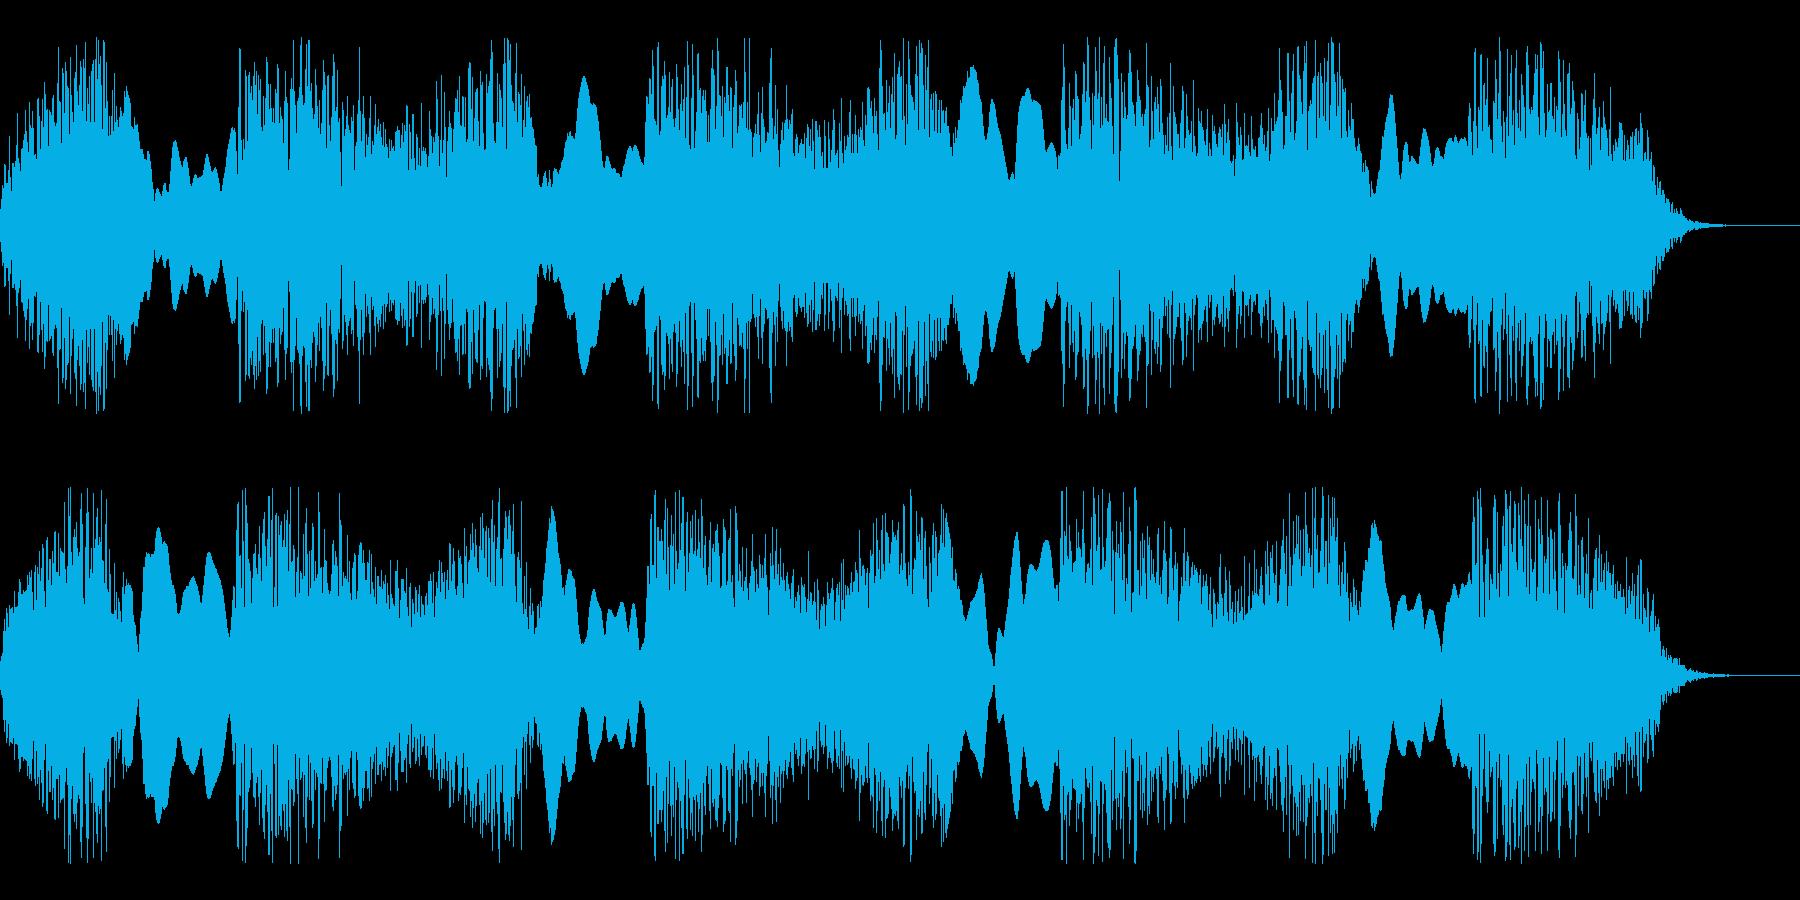 パトカー の サイレン の 音